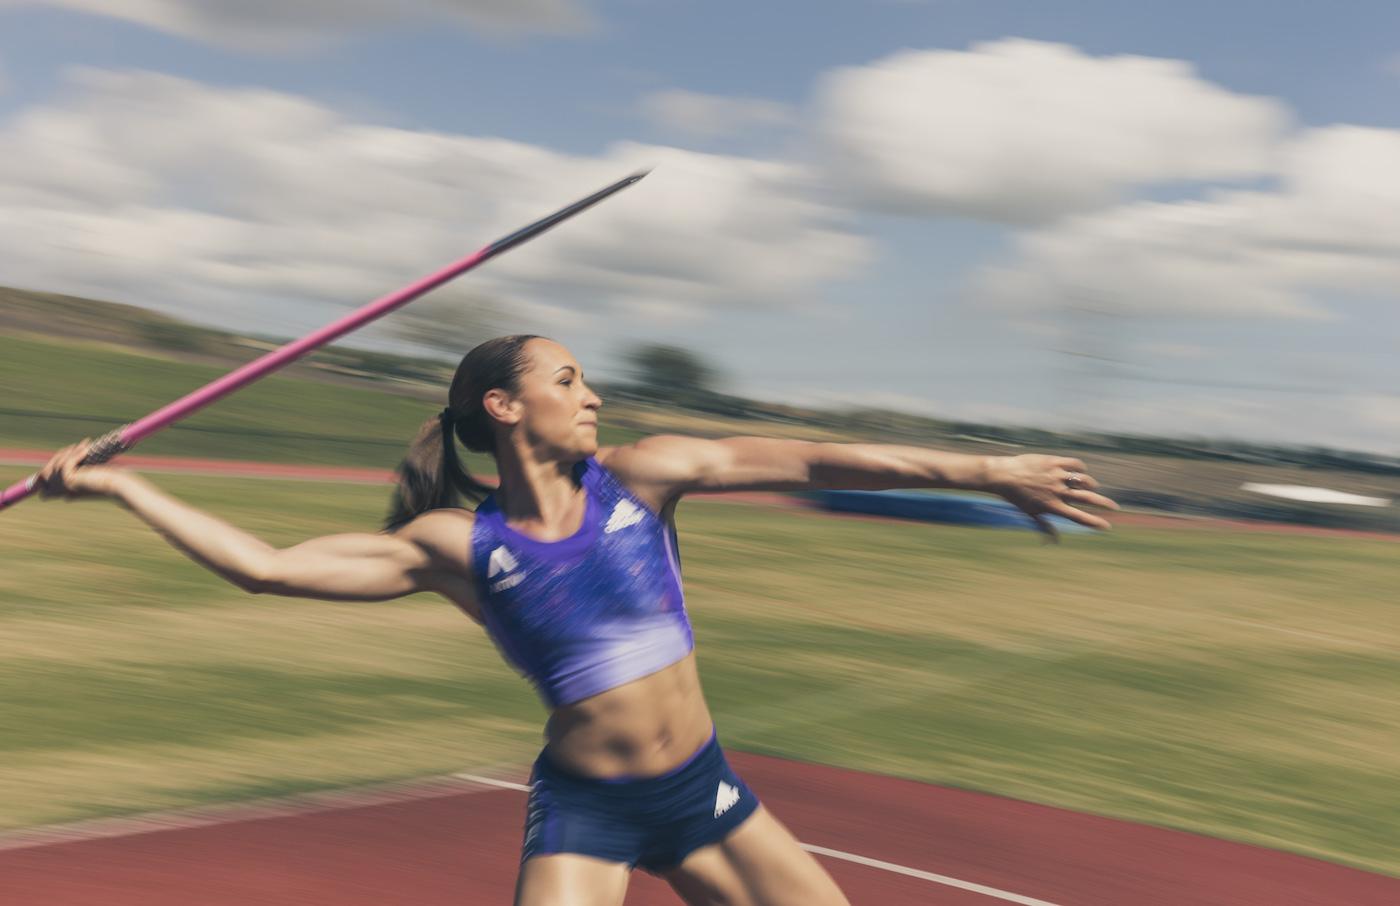 RAFAELASTORGA_JESSICA_ENNIS-HILL_IAAF215_0317.jpg